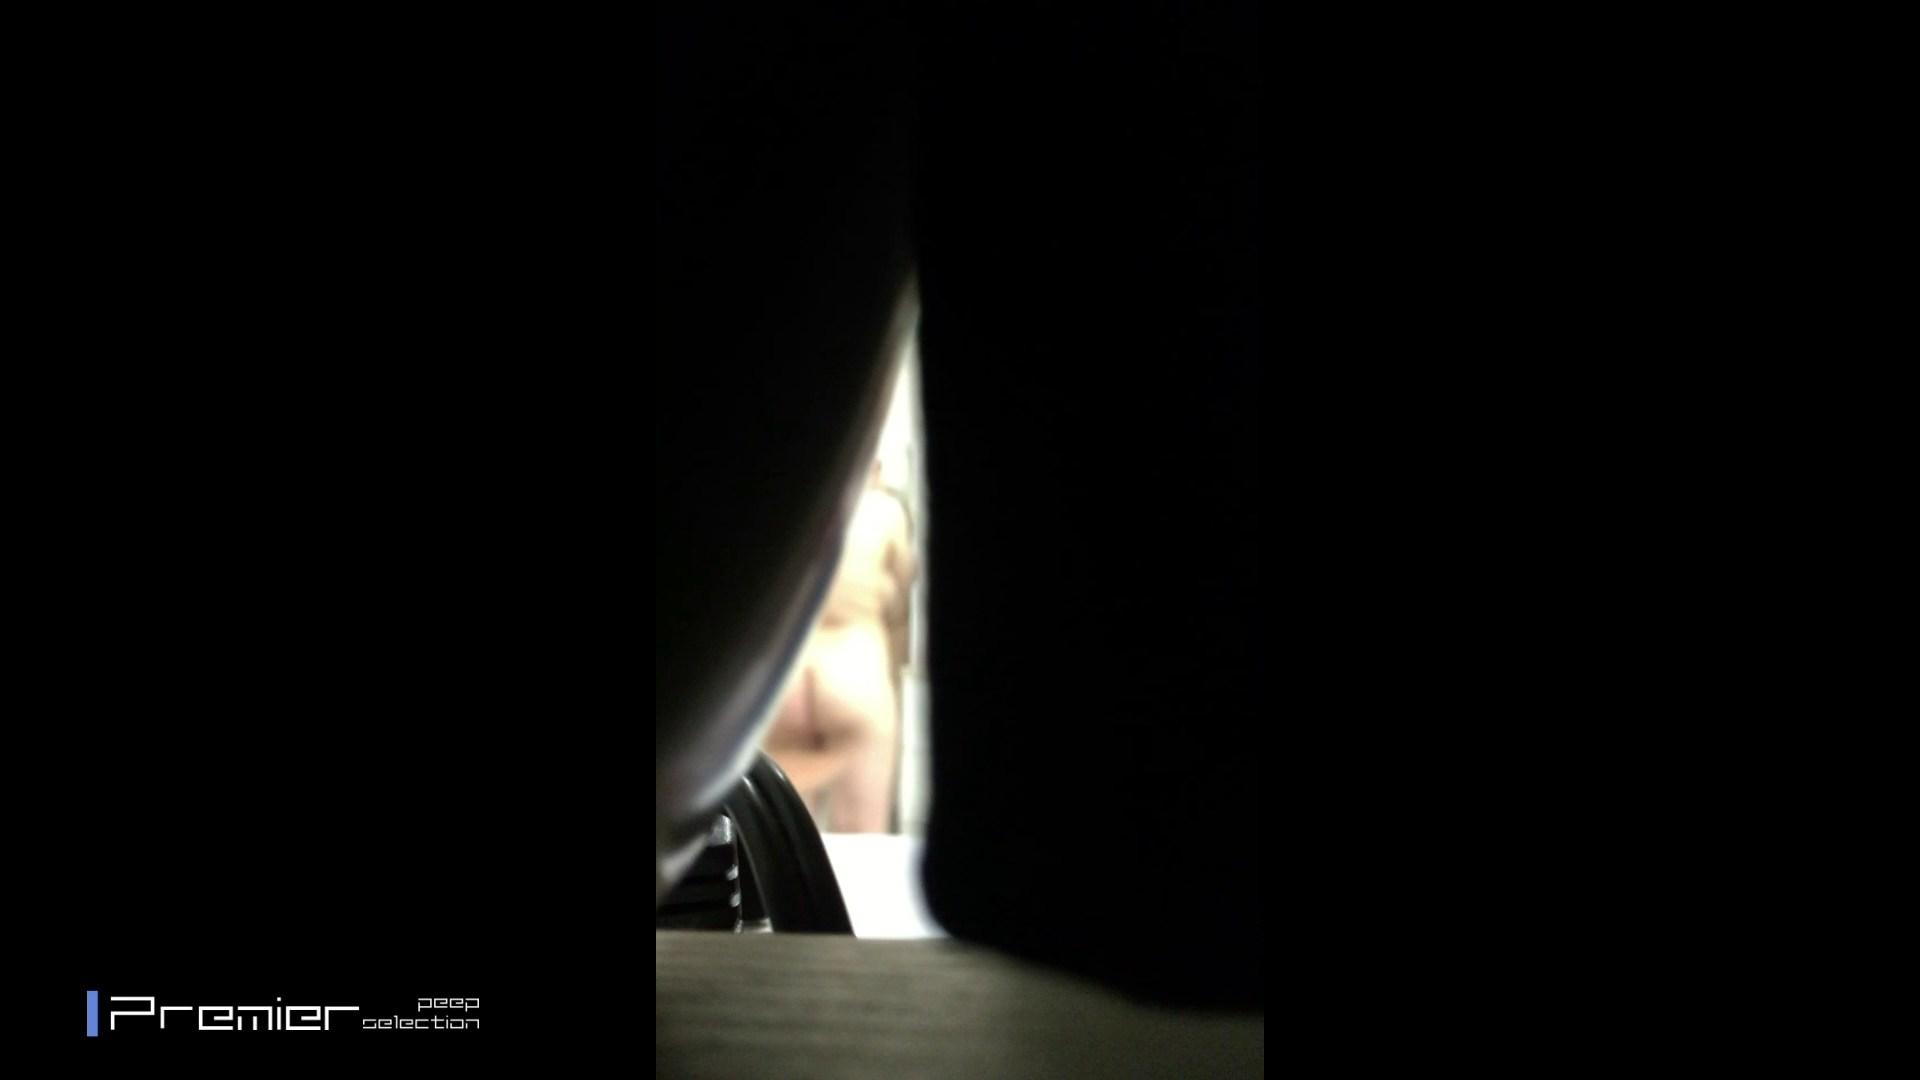 窓越しのエロい風景 美女達の私生活に潜入! 潜入 エロ無料画像 79枚 65